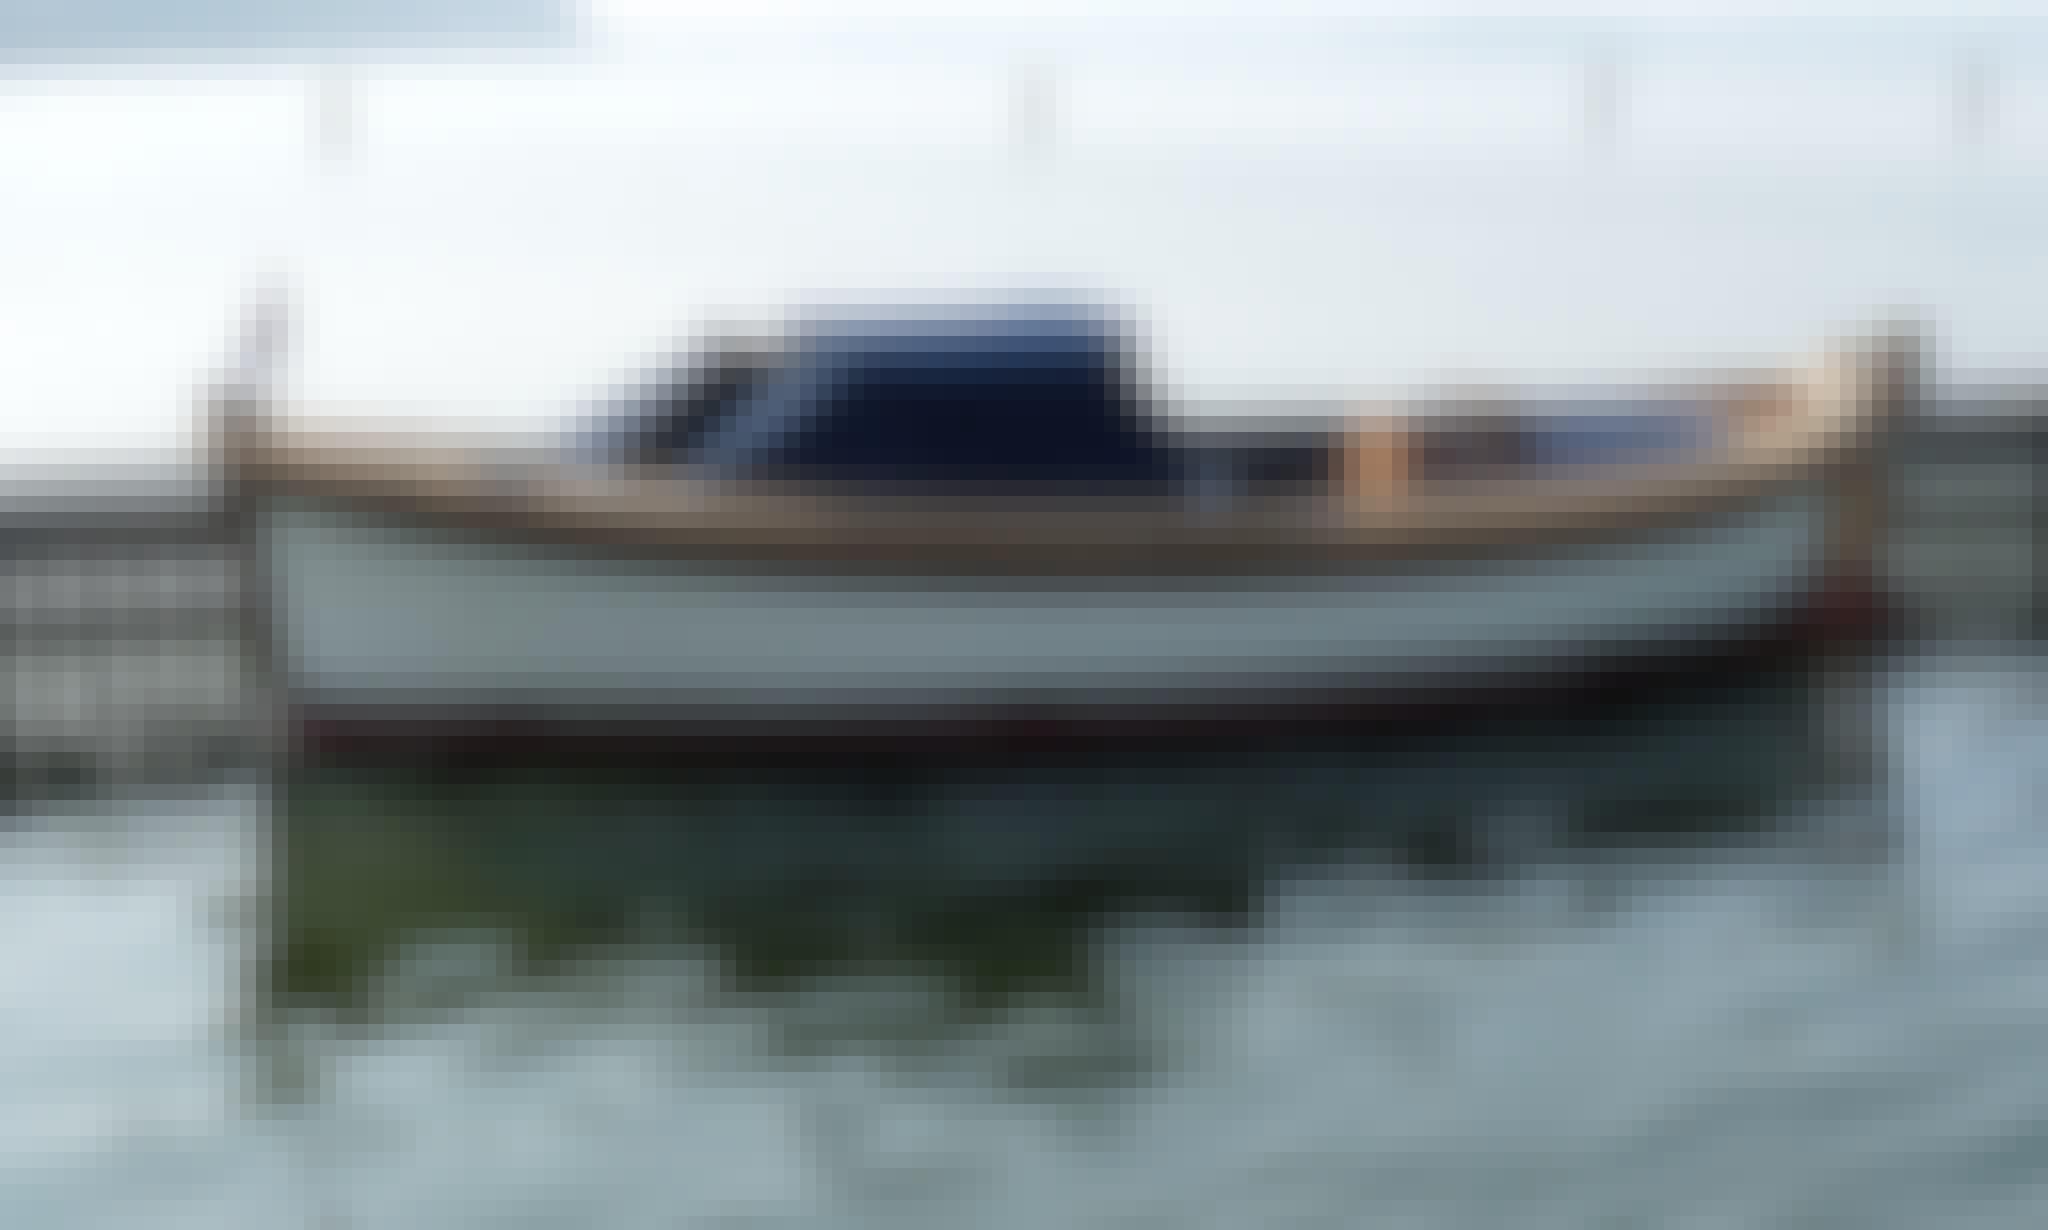 Rent this Gulden Vlies 700 sloop in Kortgene